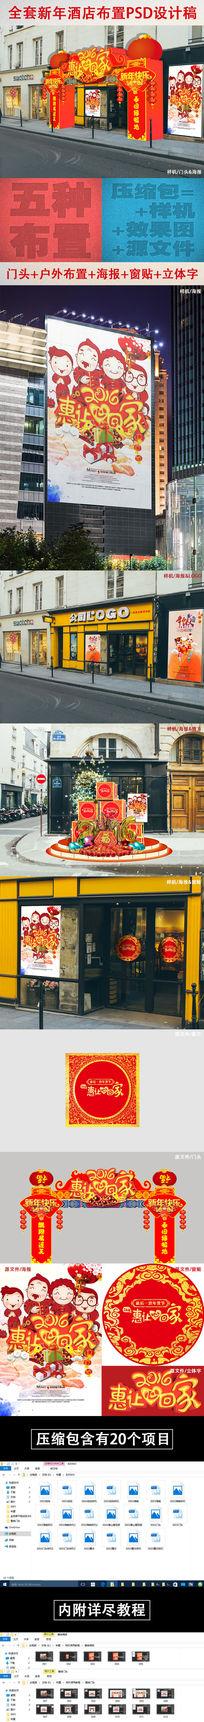 全套春节特惠通用促销活动牌楼式布置设计